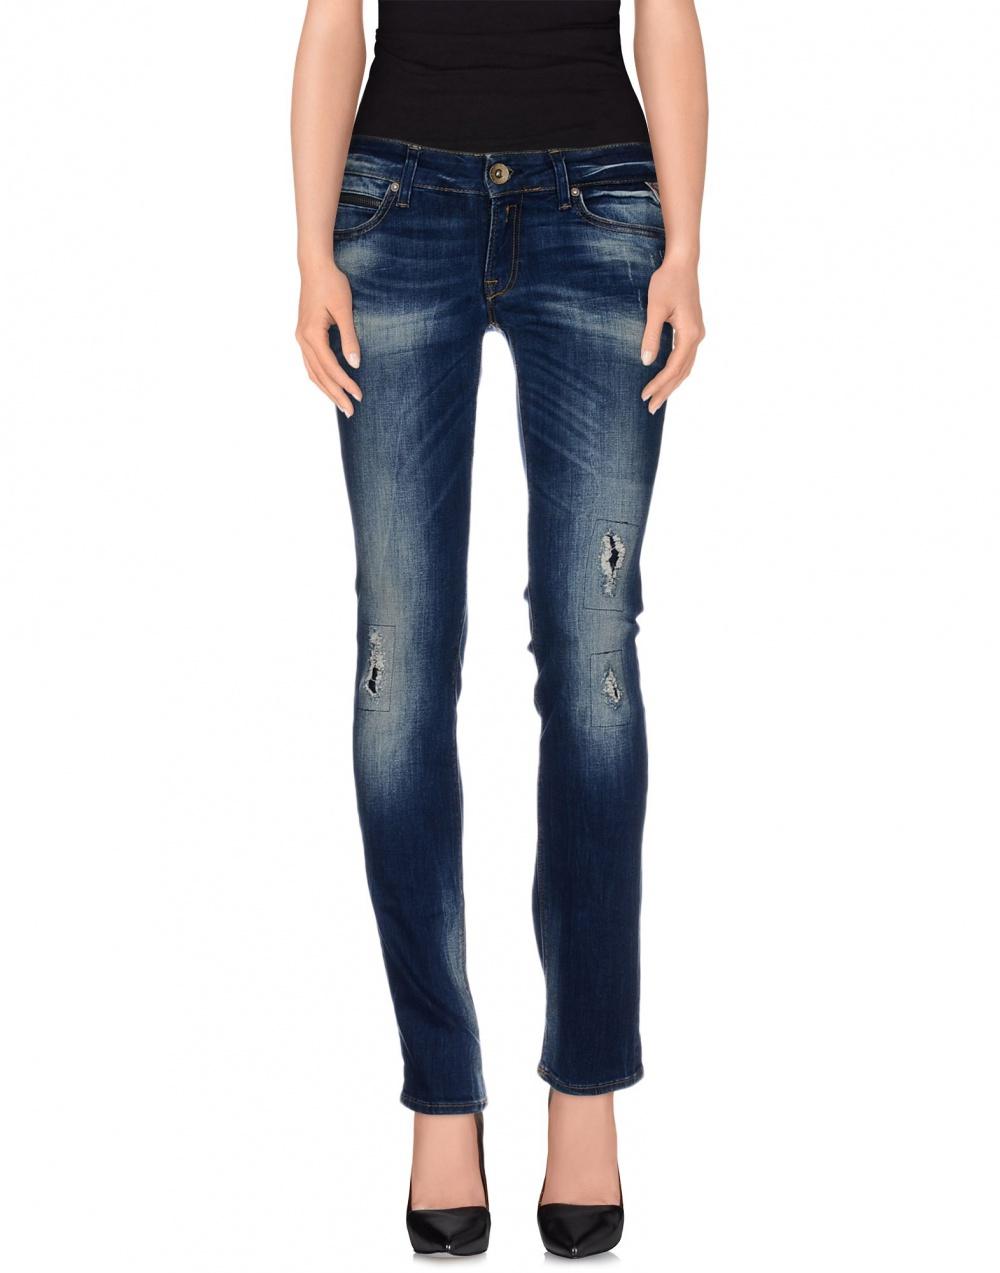 Новые джинсы REPLAY Италия Размер 24W-32L